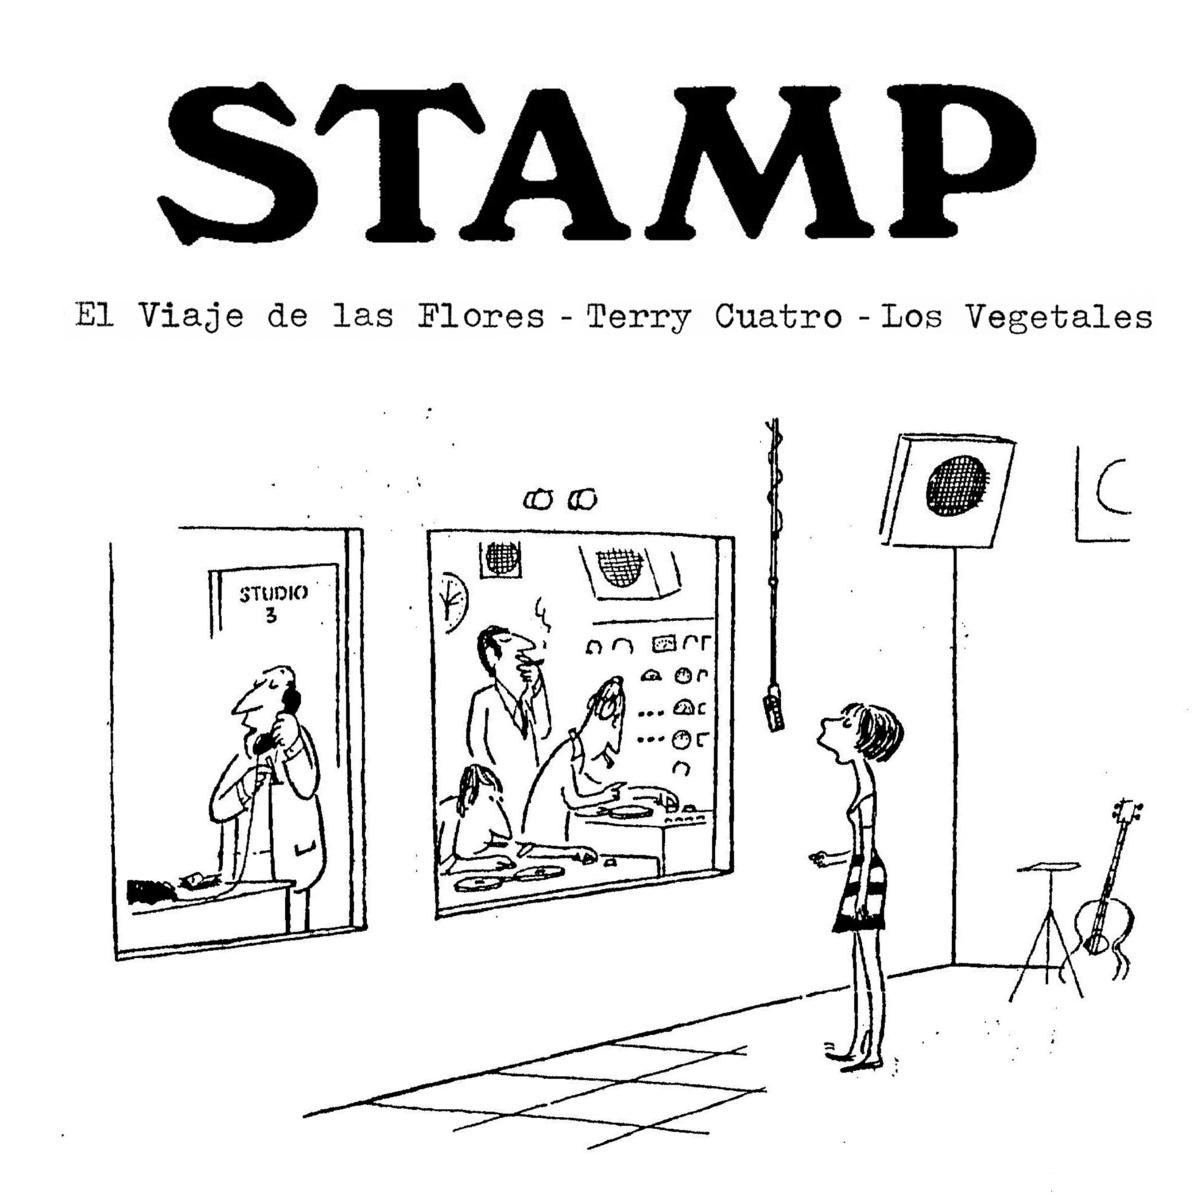 Libros Walden recupera las obras completas del fanzine Stamp